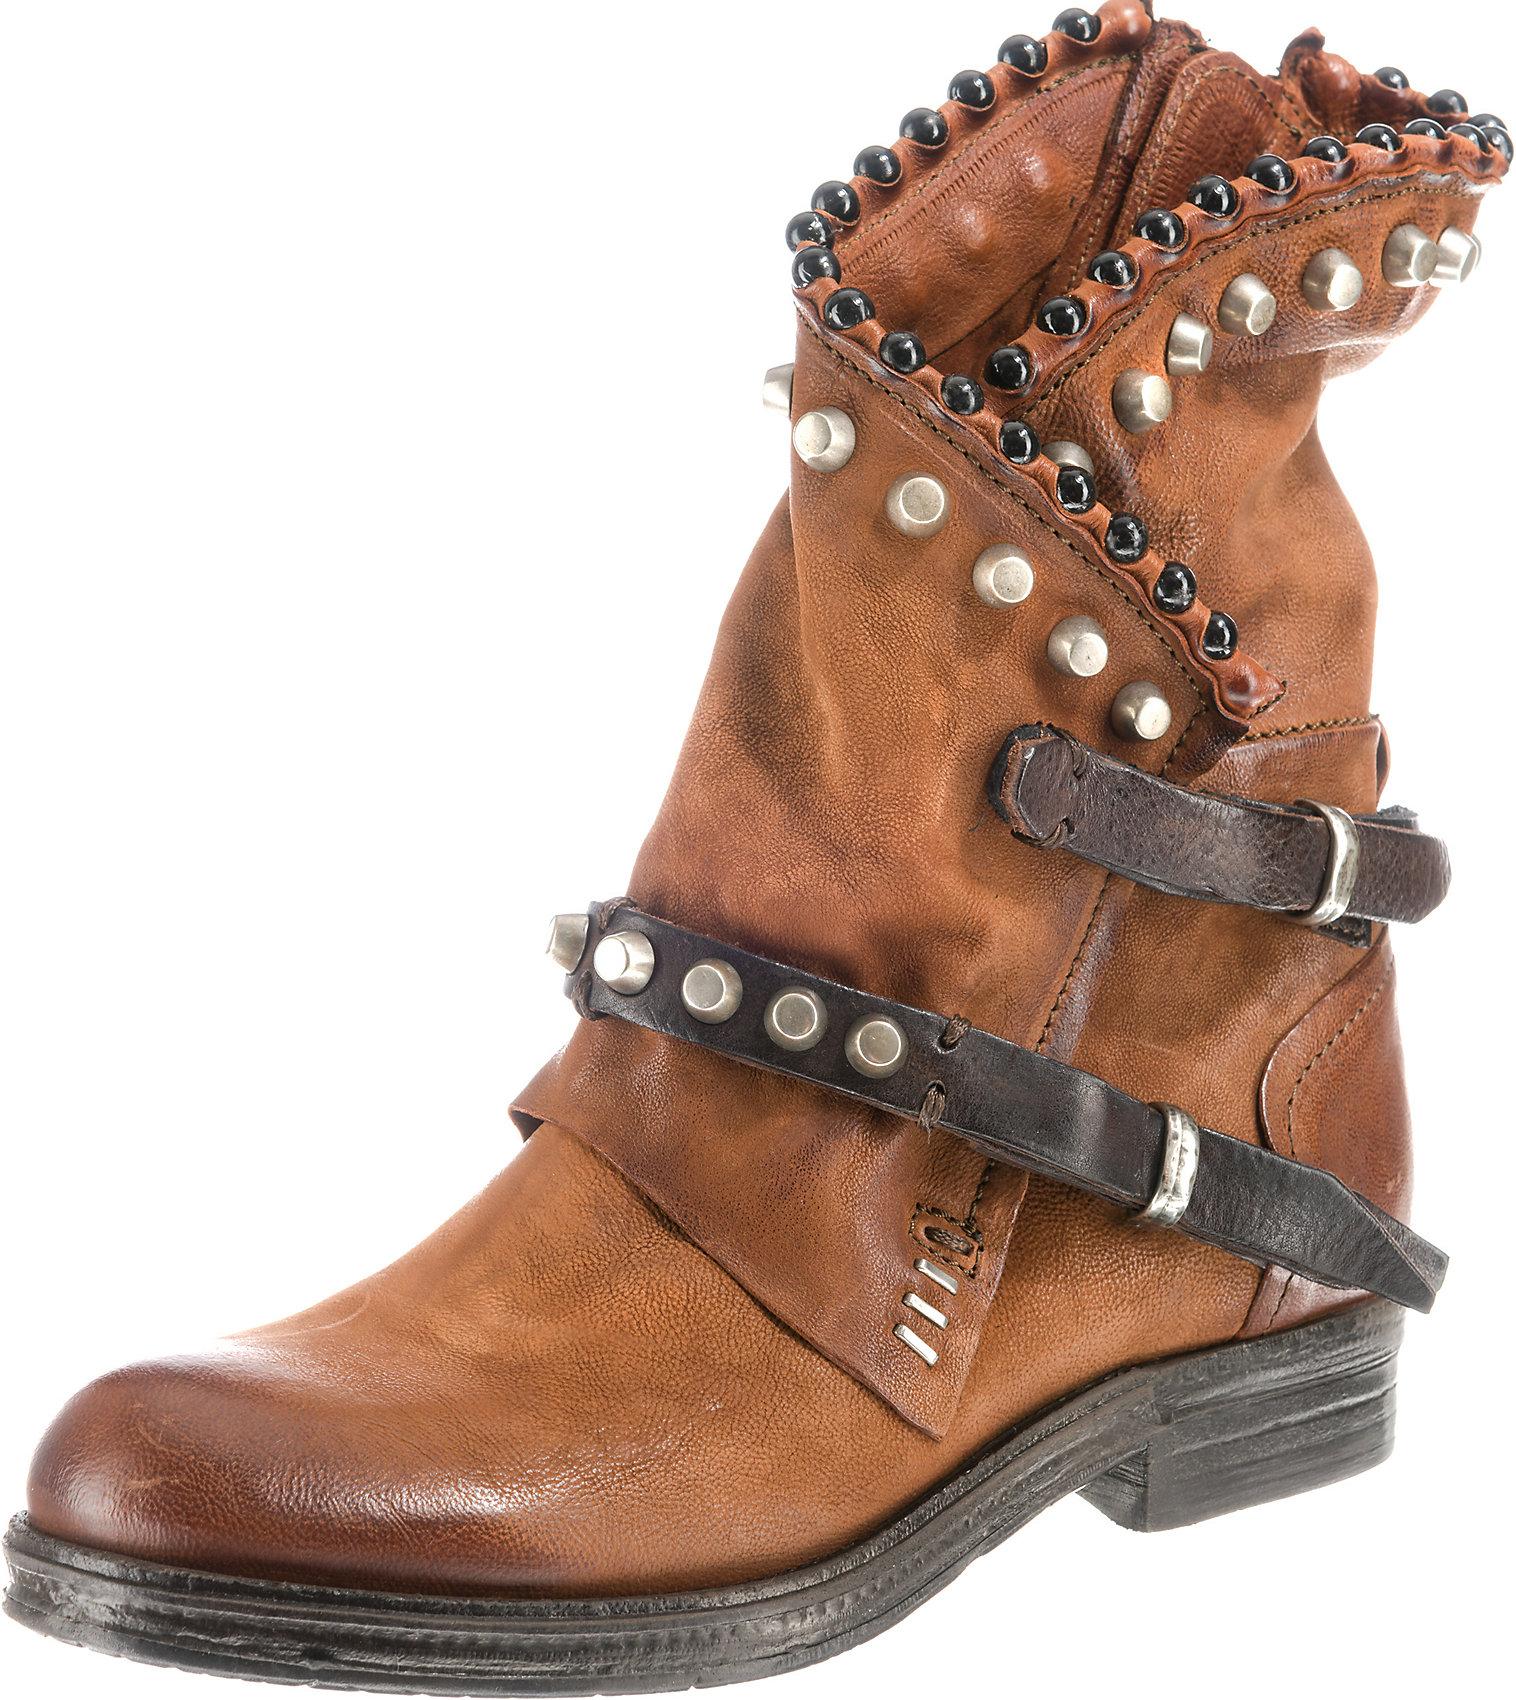 Details zu Neu A.S.98 Klassische Stiefeletten 8451410 für Damen braun grau schwarz